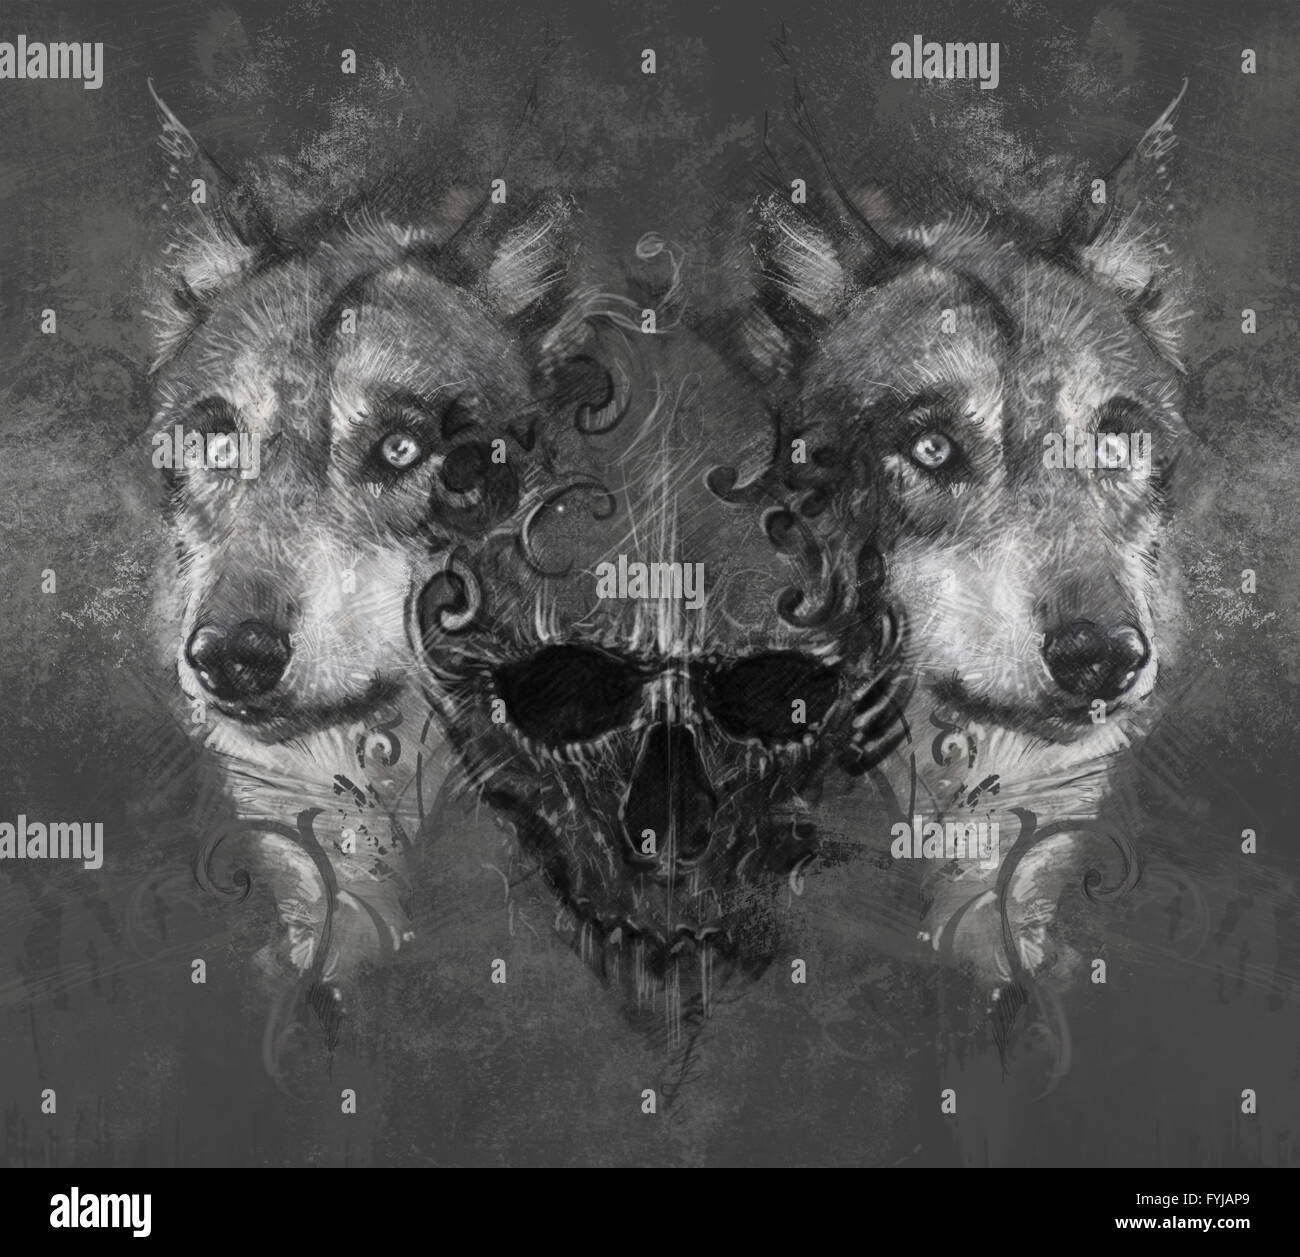 Illustration avec tête de loup. Conception de tatouage sur fond gris. toile texturée. L'image artistique Banque D'Images